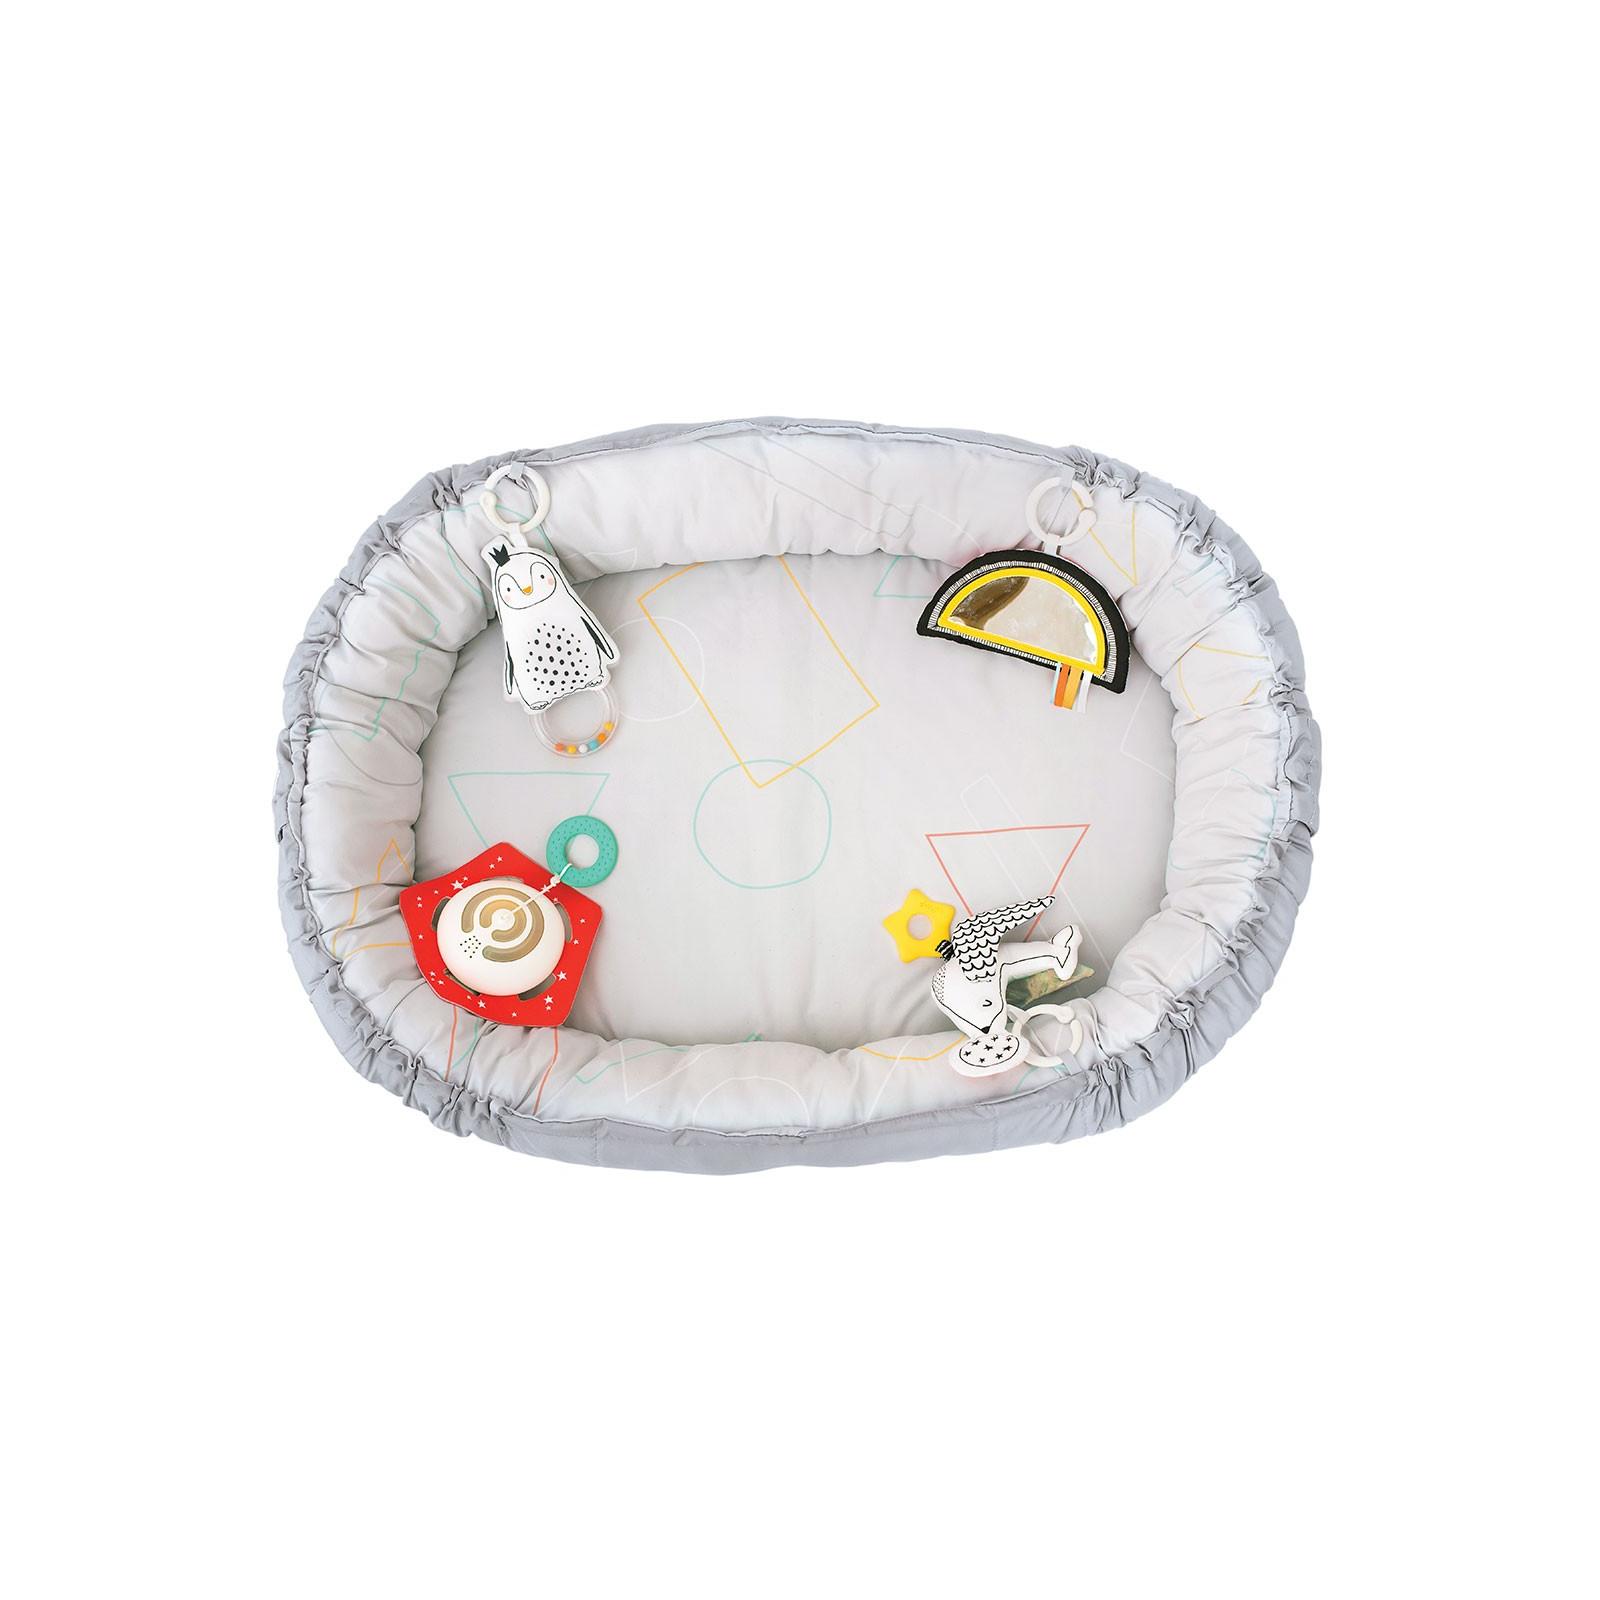 Детский коврик Taf Toys Полярное сияние 4-в-1 музыкальный кокон (12235) изображение 3